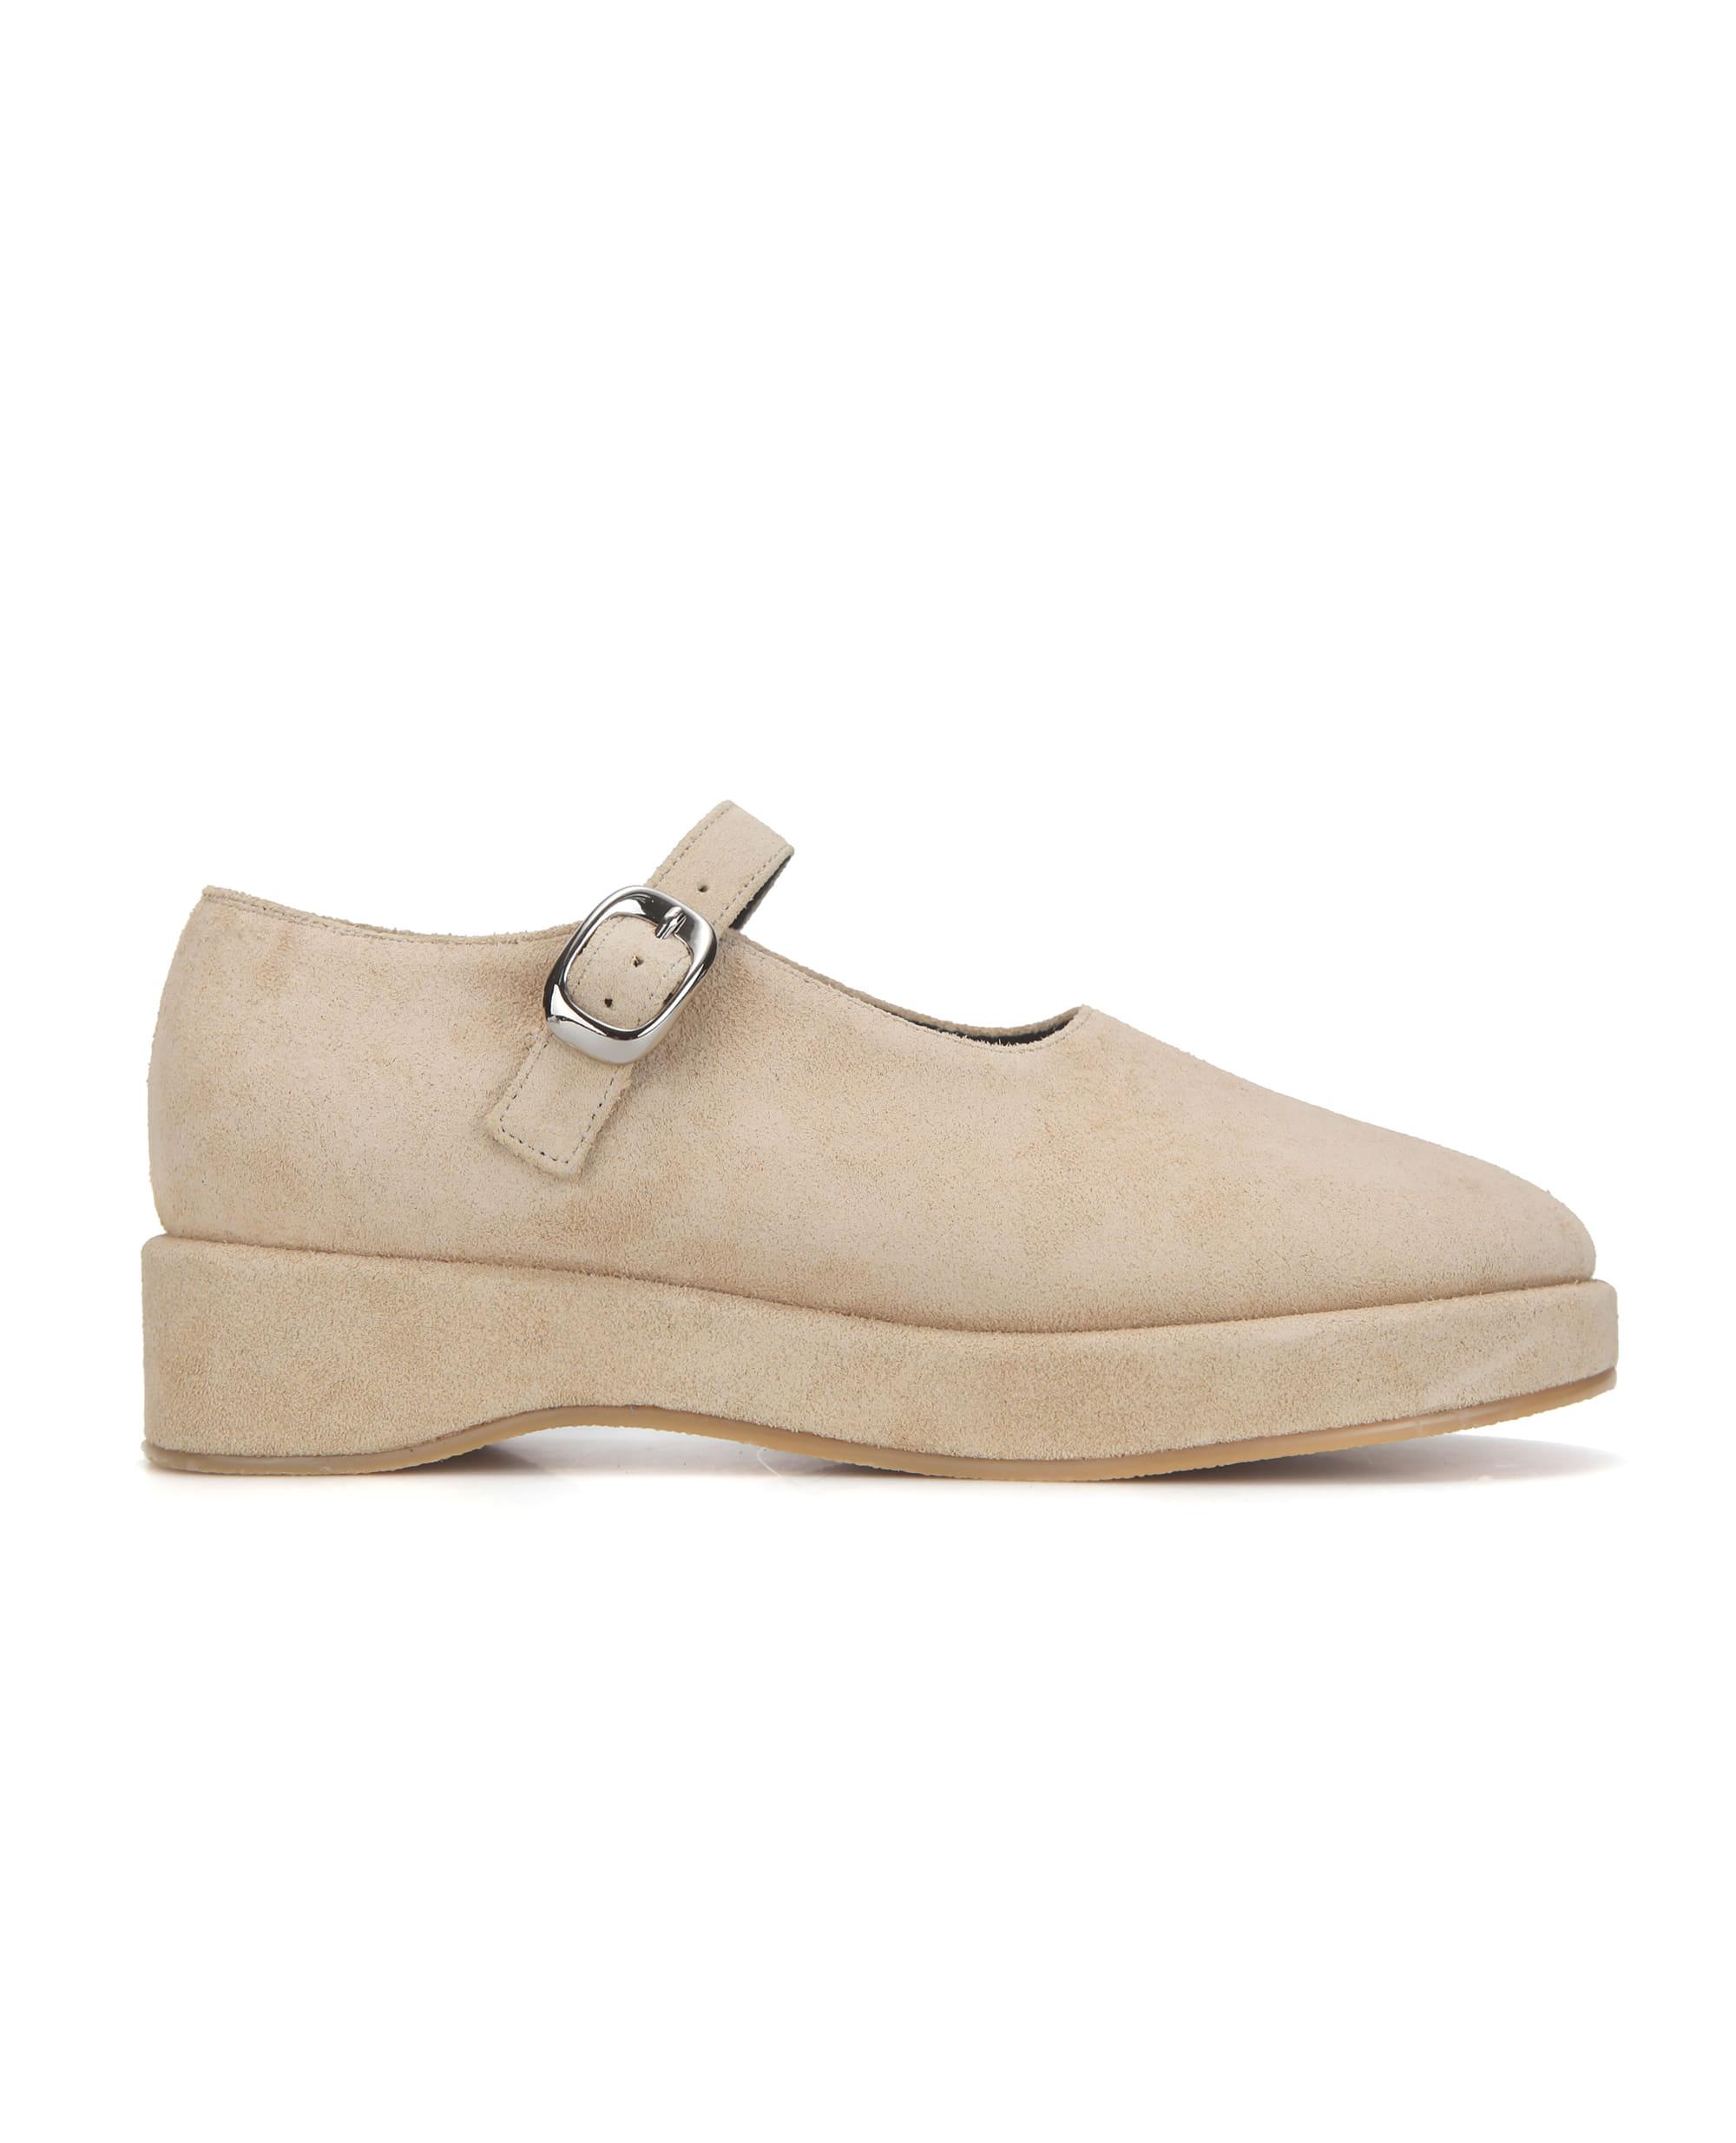 플랫아파트먼트, 플랫아파트먼트 신발, 플랫아파트먼트 슈즈, 페블토, 둥근코, 페블토 플랫 신발, 메리제인 신발, 라운드토 신발, 라운드코 플랫, flatapartment, flat apartment, flat apartment shoes, flatapartment shoes, pebble toe flat shoes, pebble toe shoes, mary jane flats, mary jane flat shoes, round toe mary jane shoes, mary jane, mary jane shoes,  shoes, Seoul fashion, K fashion, platform shoes, platforms, unique shoes, unique platforms